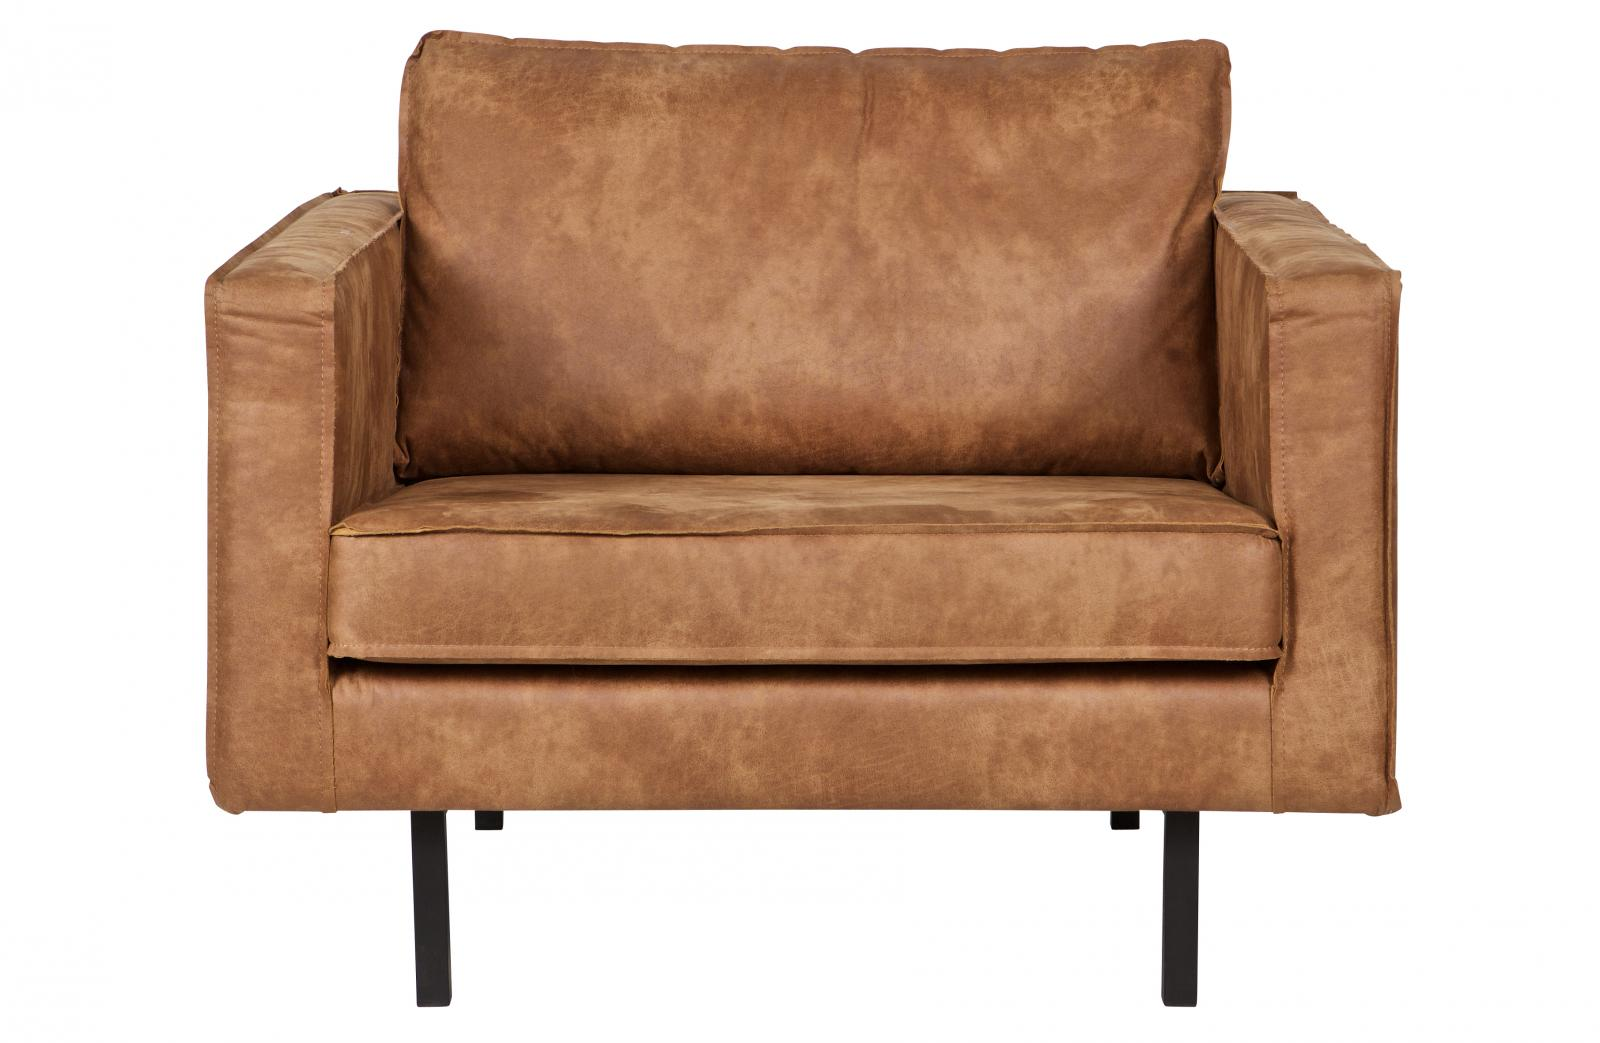 bepurehome rodeo sessel leder cognac ledersessel braun. Black Bedroom Furniture Sets. Home Design Ideas